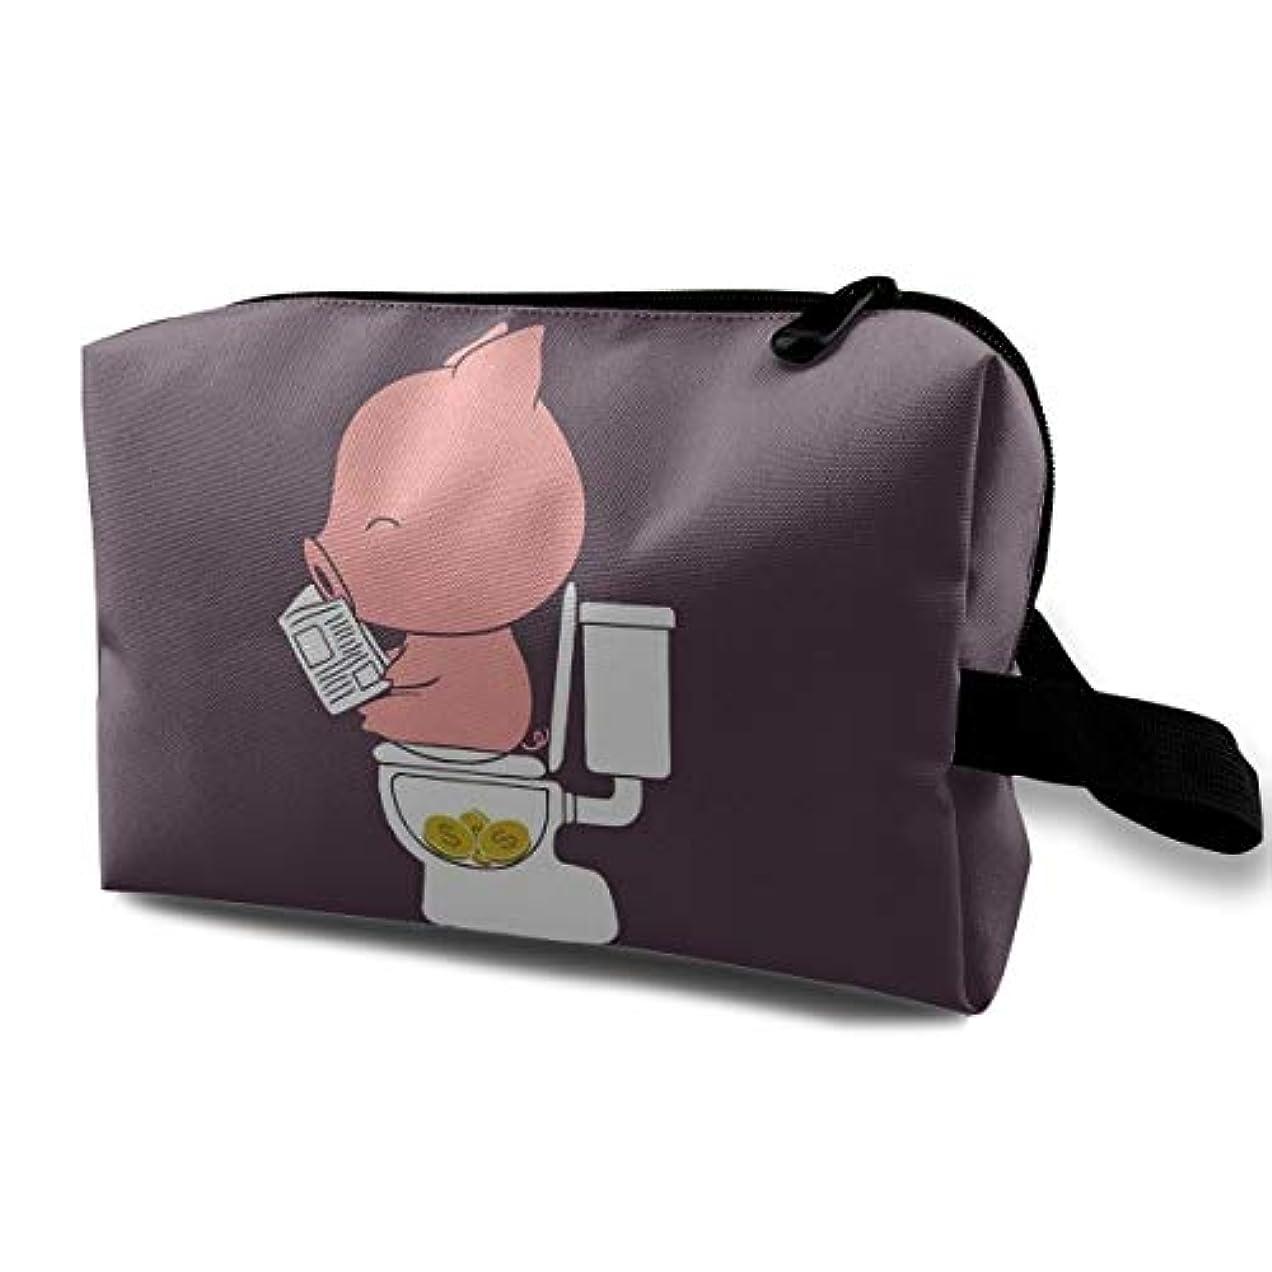 単語ブリード肉おもしろ豚 化粧ポーチ、大容量 コスメポーチ メイクポーチ、高品質 防水 メイクケース 旅行 機能的 小物入れ 化粧道具 メイクボックス